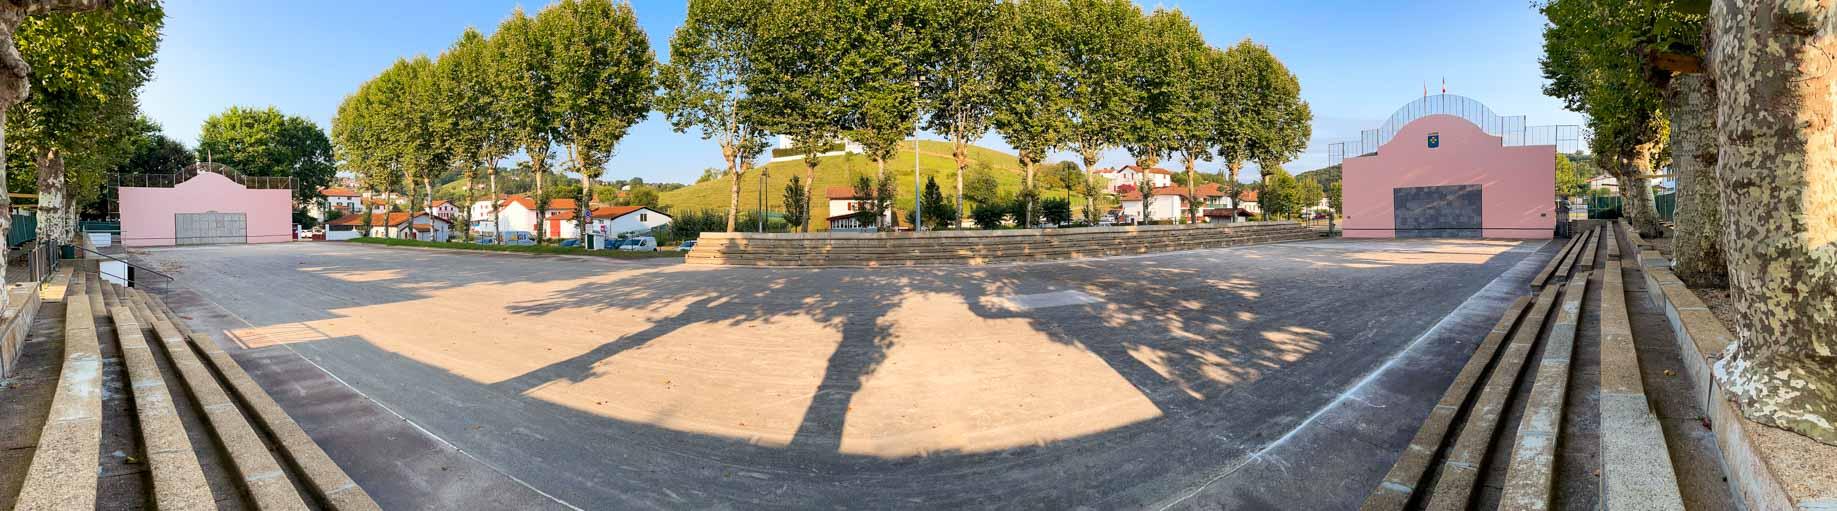 magnifique double fronton place libre Hasparren